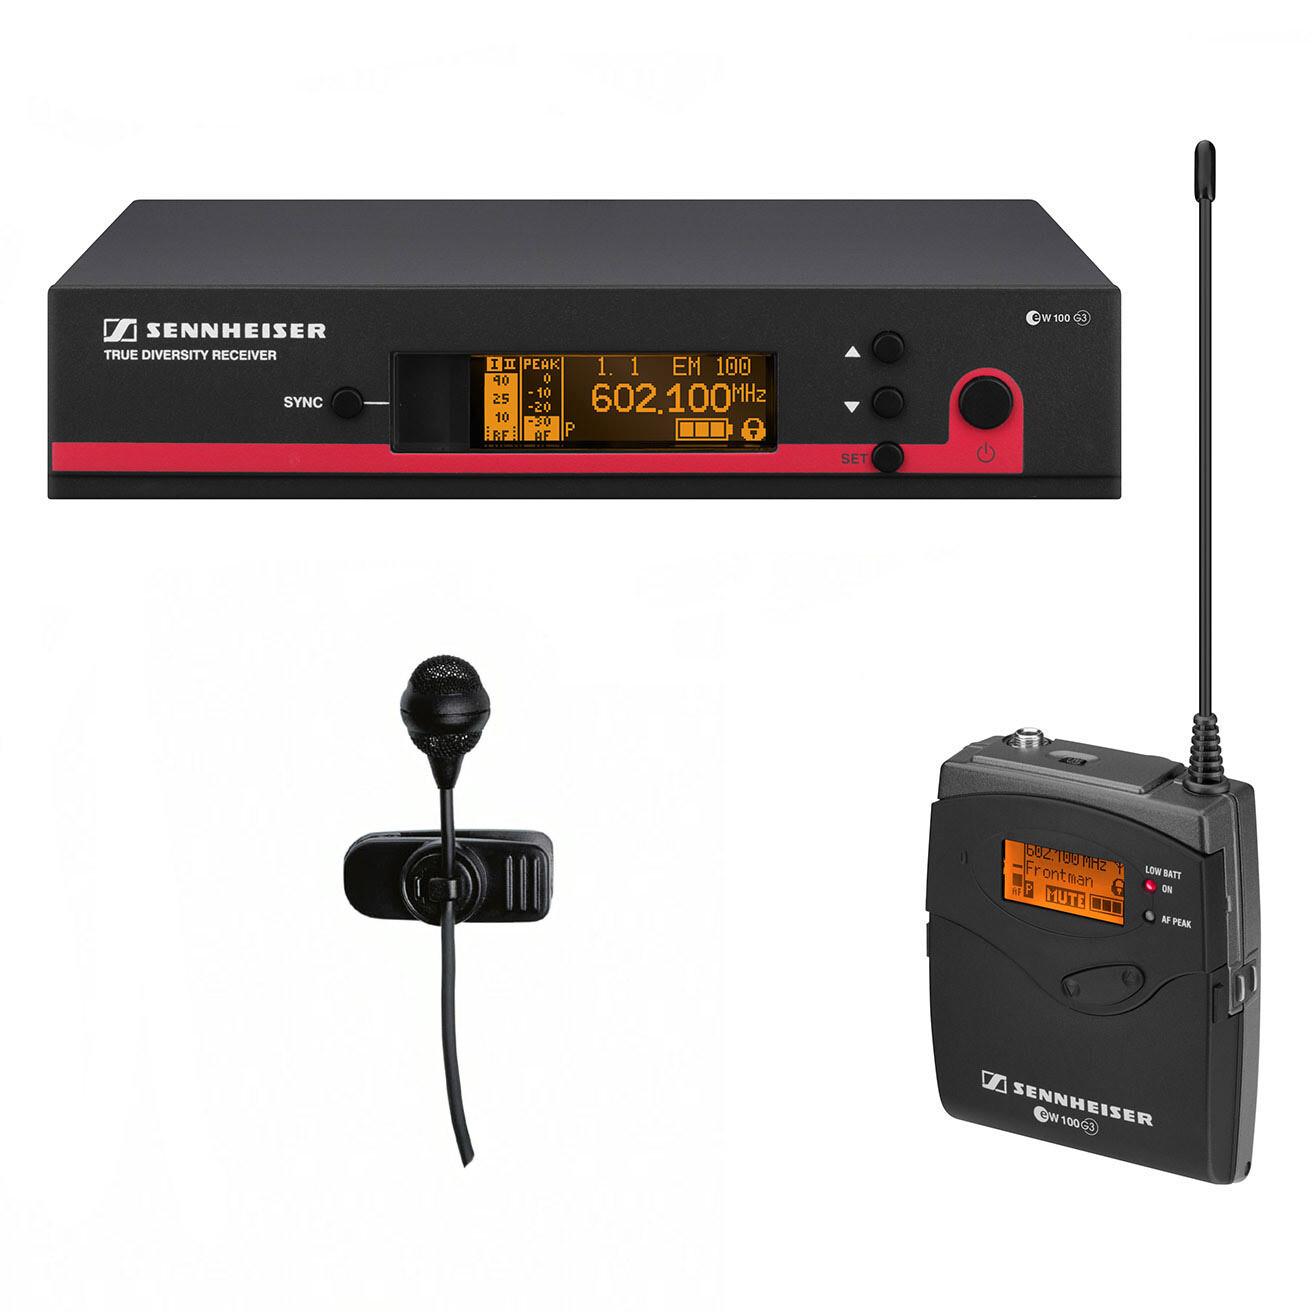 #最後一件 #全新 #2年原廠保養 Sennheiser eW 122 G3 wireless clip mic system